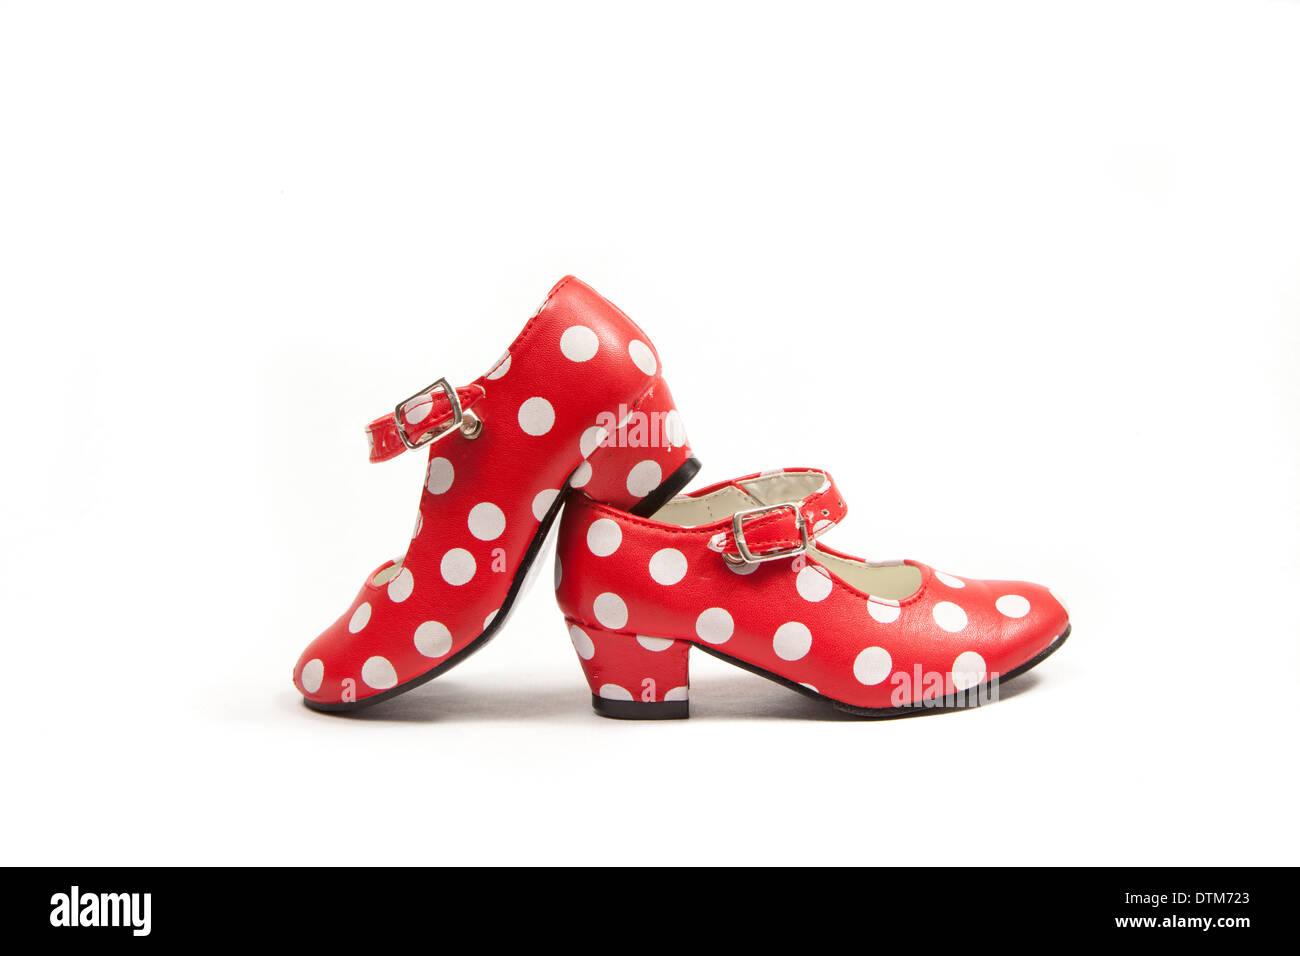 Dos utiliza zapatos de baile flamenco con lunares. Imagen De Stock